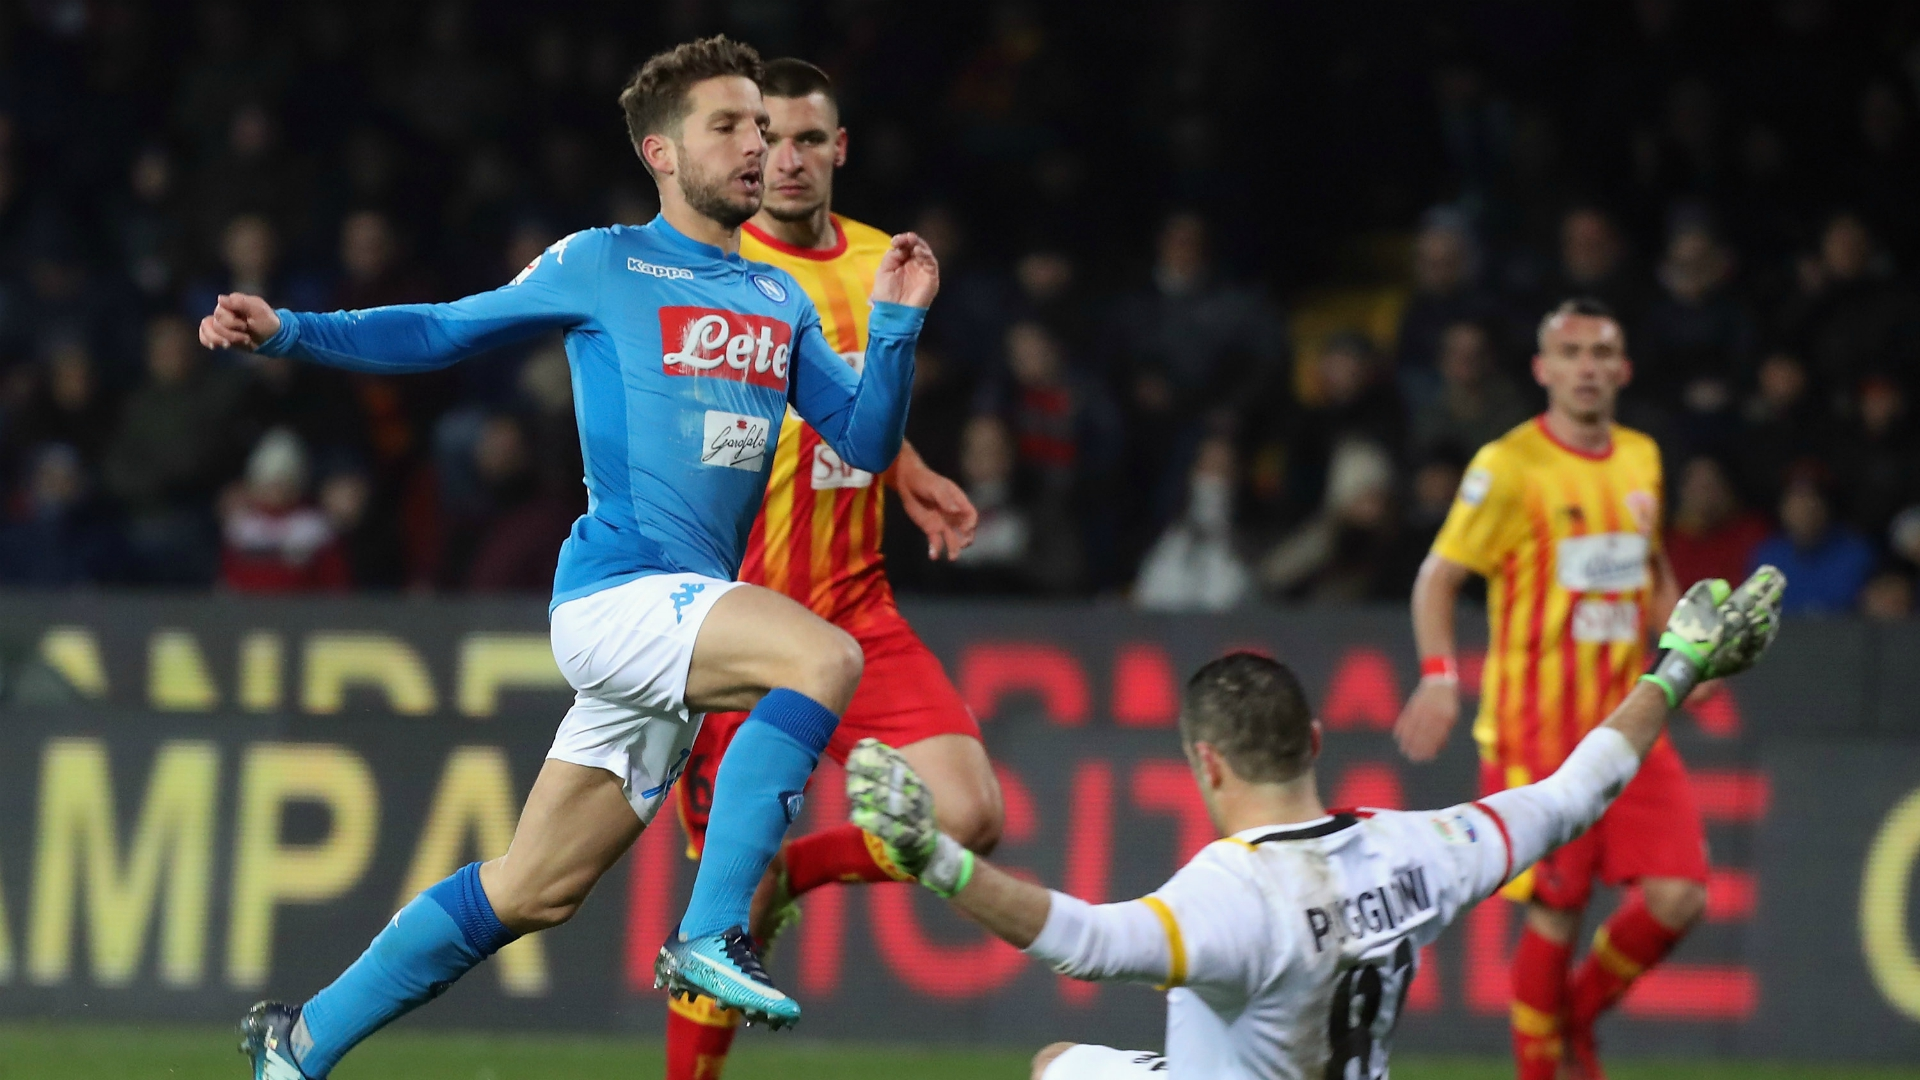 Benevento-Napoli 0-2: gol di Mertens e Hamsik, infortunio al belga